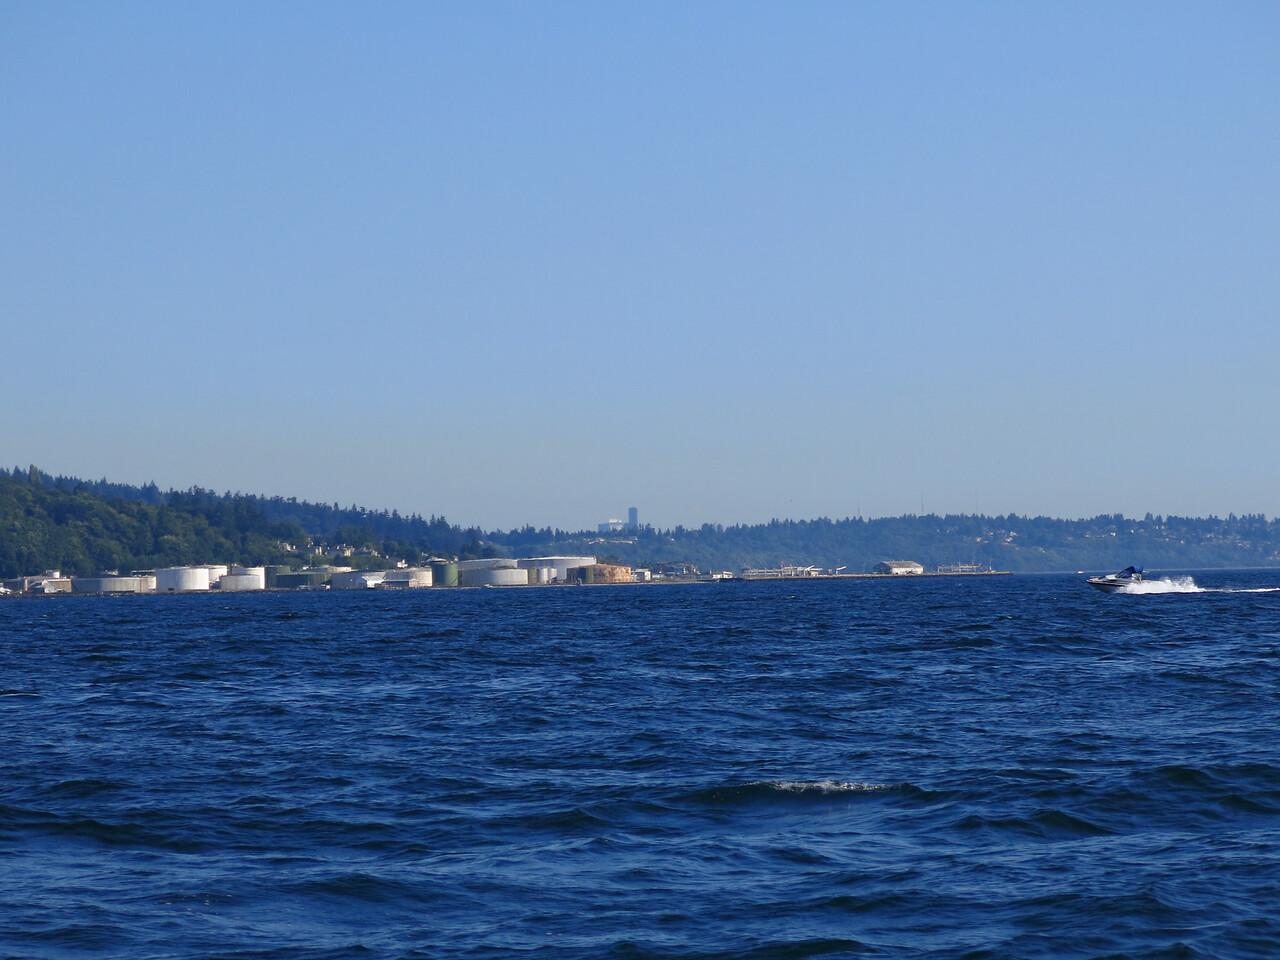 2014-07-26 Sail (14)